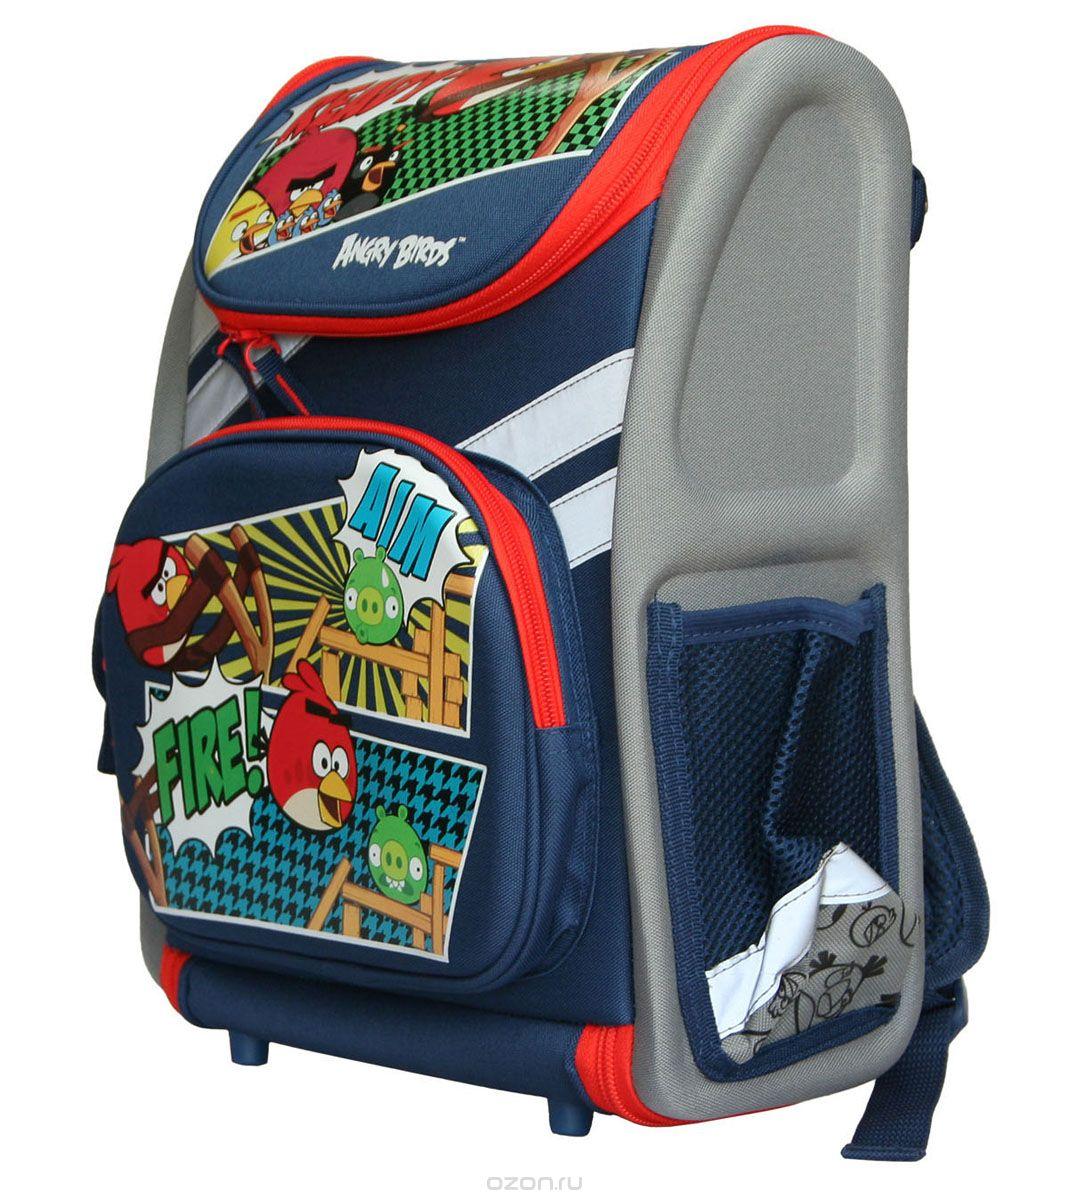 Ранец школьный Kinderline Angry Birds, цвет: синий, серый, красный72523WDРанец школьный Kinderline Angry Birds выполнен из современного легкого и прочного материала серого и синего цвета с ярким рисунком. Ранец имеет одно основное отделение, закрывающееся на молнию с двумя бегунками. Ранец полностью раскладывается. Внутри главного отделения расположены: накладной сетчатый карман и два разделителя с утягивающей резинкой, предназначенные для размещения предметов без сложения, размером до формата А4 включительно. На лицевой стороне ранца расположен накладной карман на молнии. По бокам ранца размещены два дополнительных накладных кармана, один под клапаном на липучке, и один открытый. Рельеф спинки ранца разработан с учетом особенности детского позвоночника.Ранец оснащен ручкой для переноски и двумя широкими лямками, регулируемой длины. Дно ранца защищено пластиковыми ножками. Ранец оснащен удобной ручкой для переноски и двумя широкими лямками, регулируемой длины. Многофункциональный школьный ранец станет незаменимым спутником вашего ребенка в походах за знаниями.